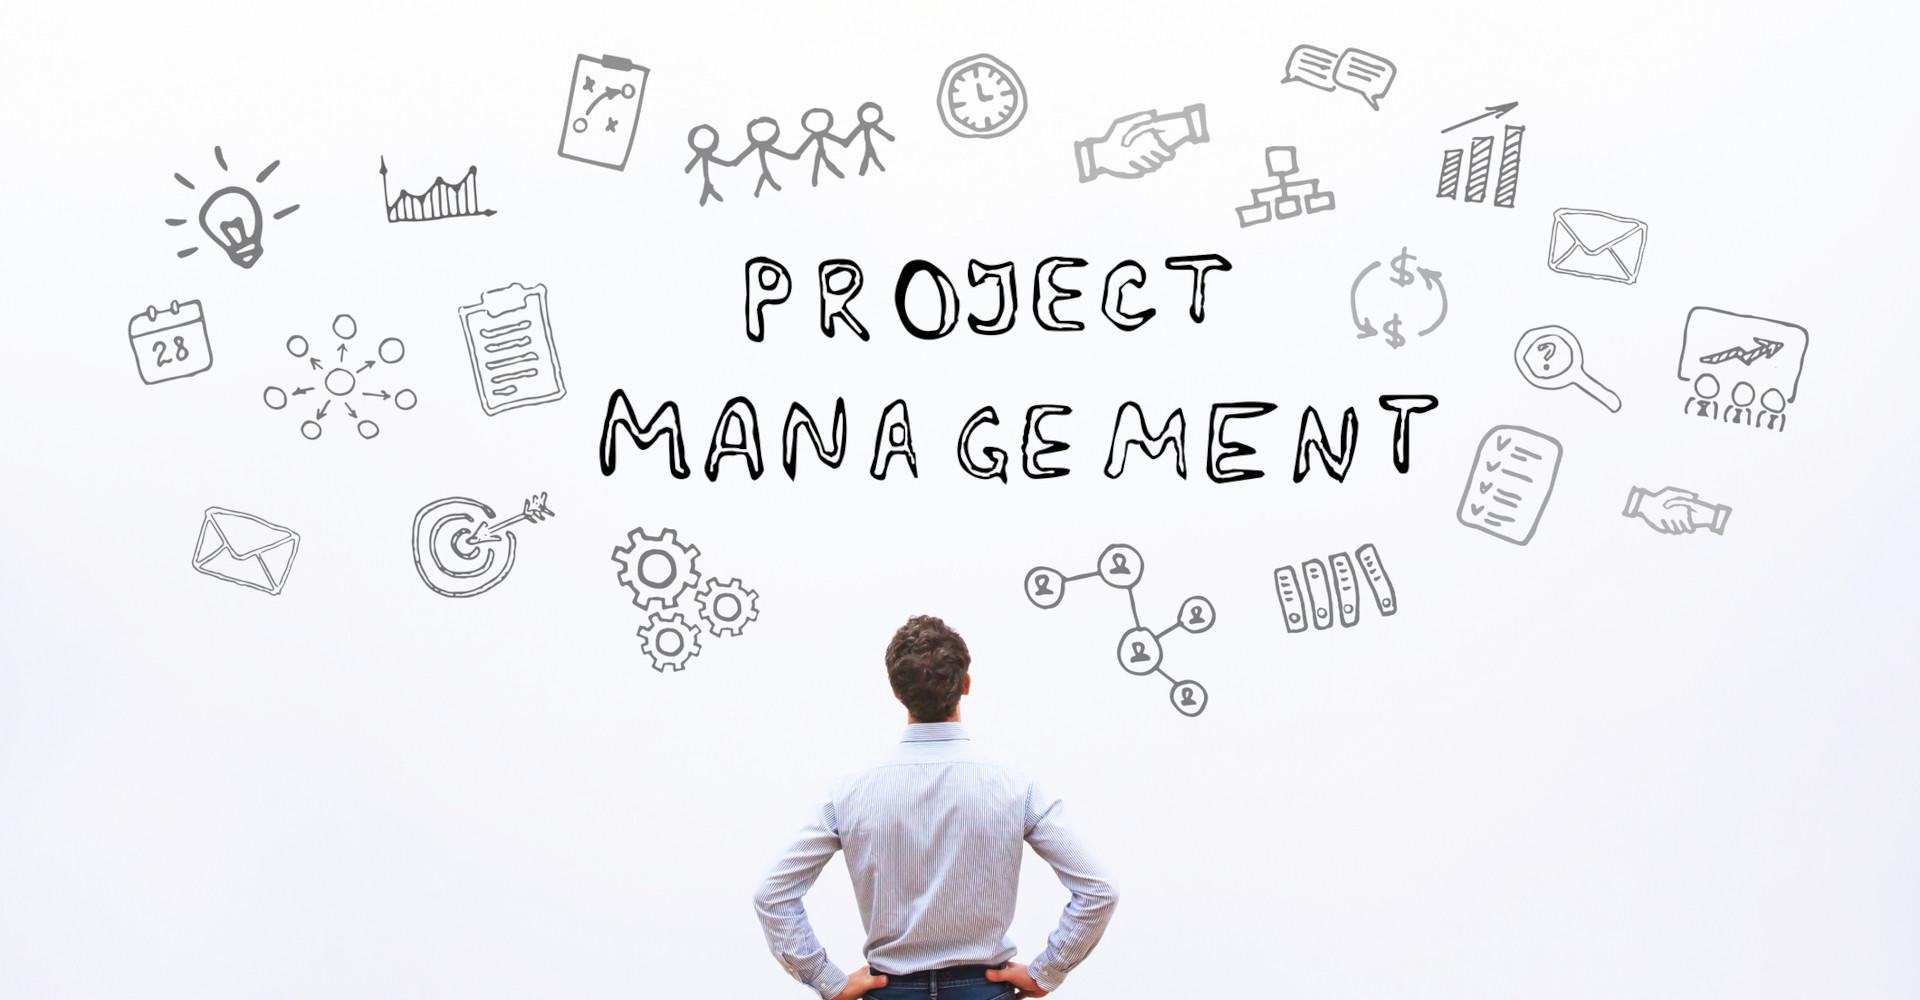 Ein Mann denkt über Aufgaben und Projekte nach.